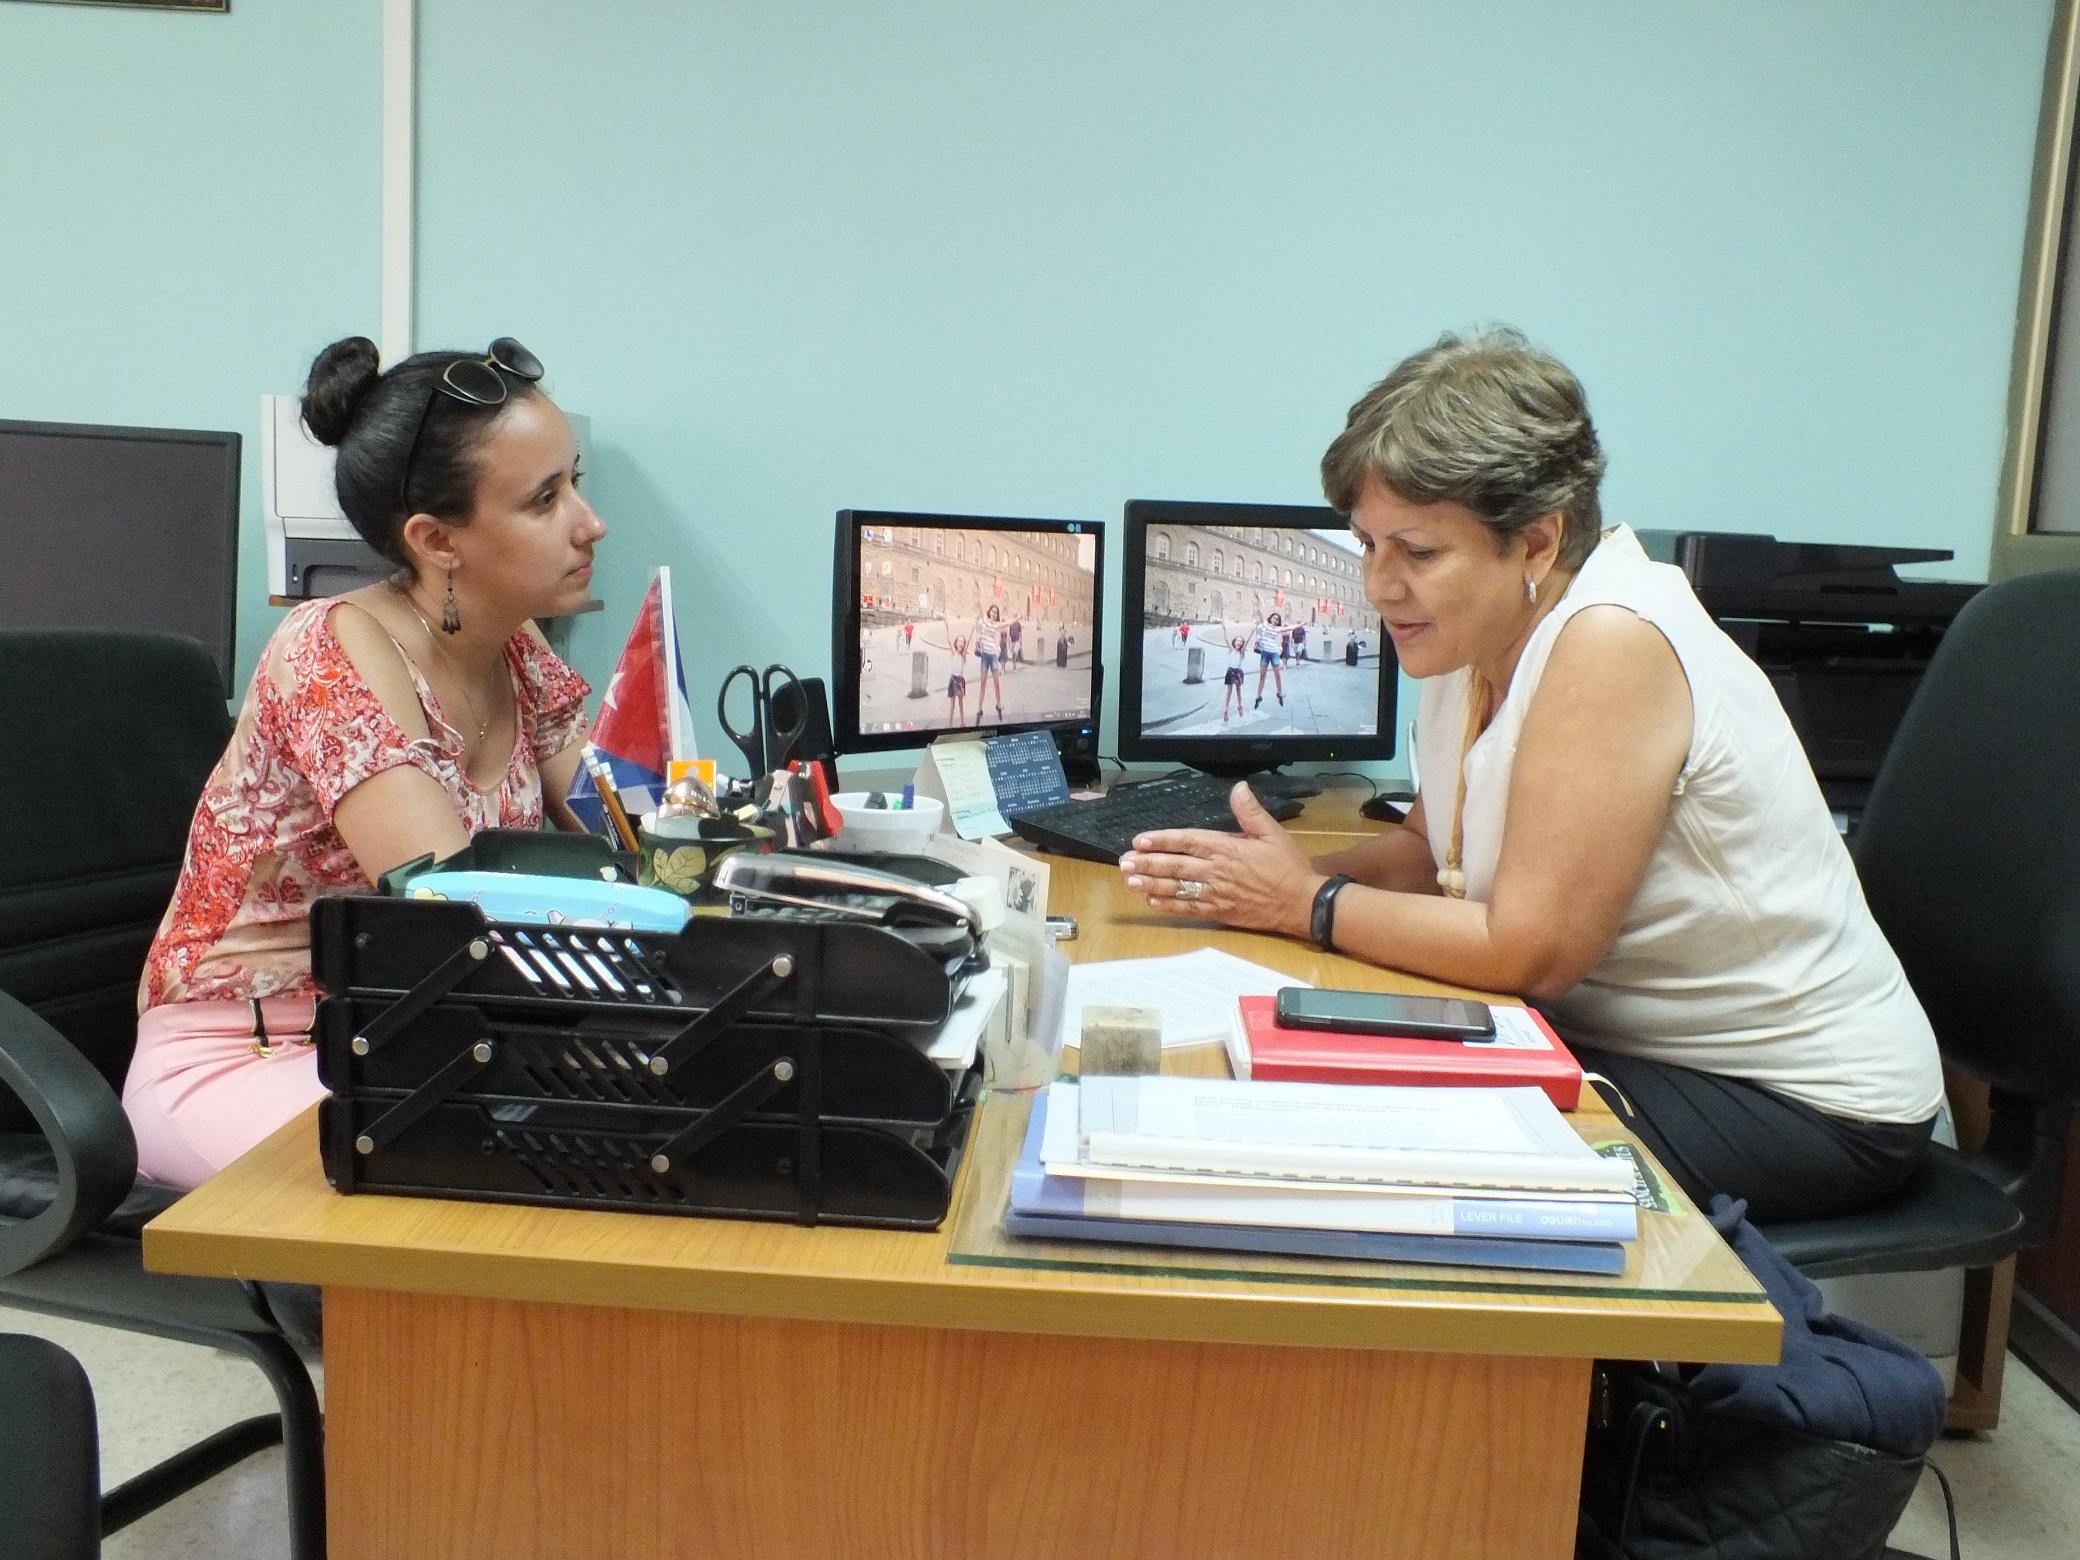 Marina Capó ofrece declaraciones a Radio Reloj sobre el Registro Electoral, en el contexto de las elecciones generales en Cuba. Foto: Ramón Rodríguez. Radio Reloj